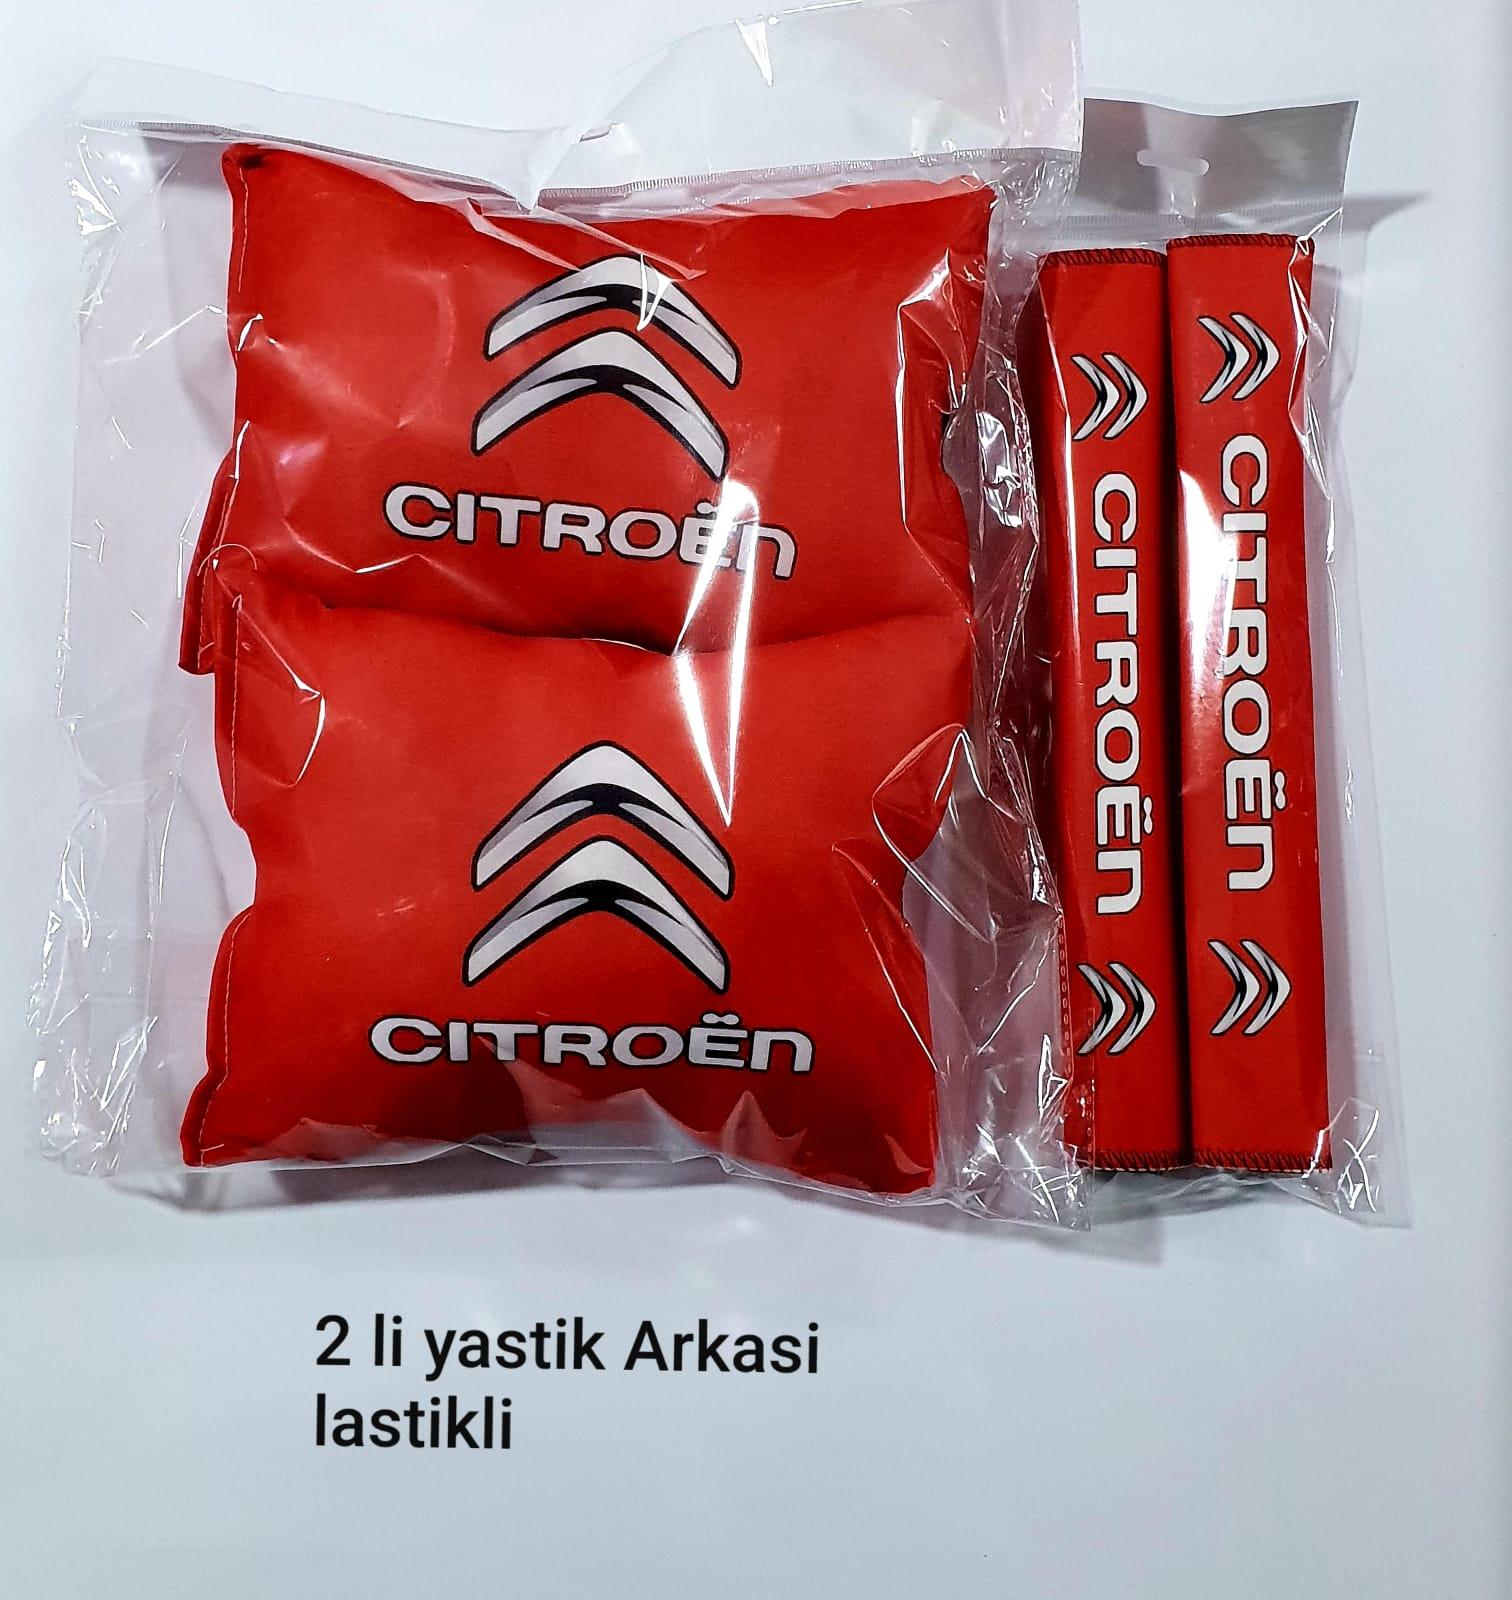 CITROEN Oto Boyun Yastık Minder - TAMPON DİLİ - 2 adet YASTIK KEMER